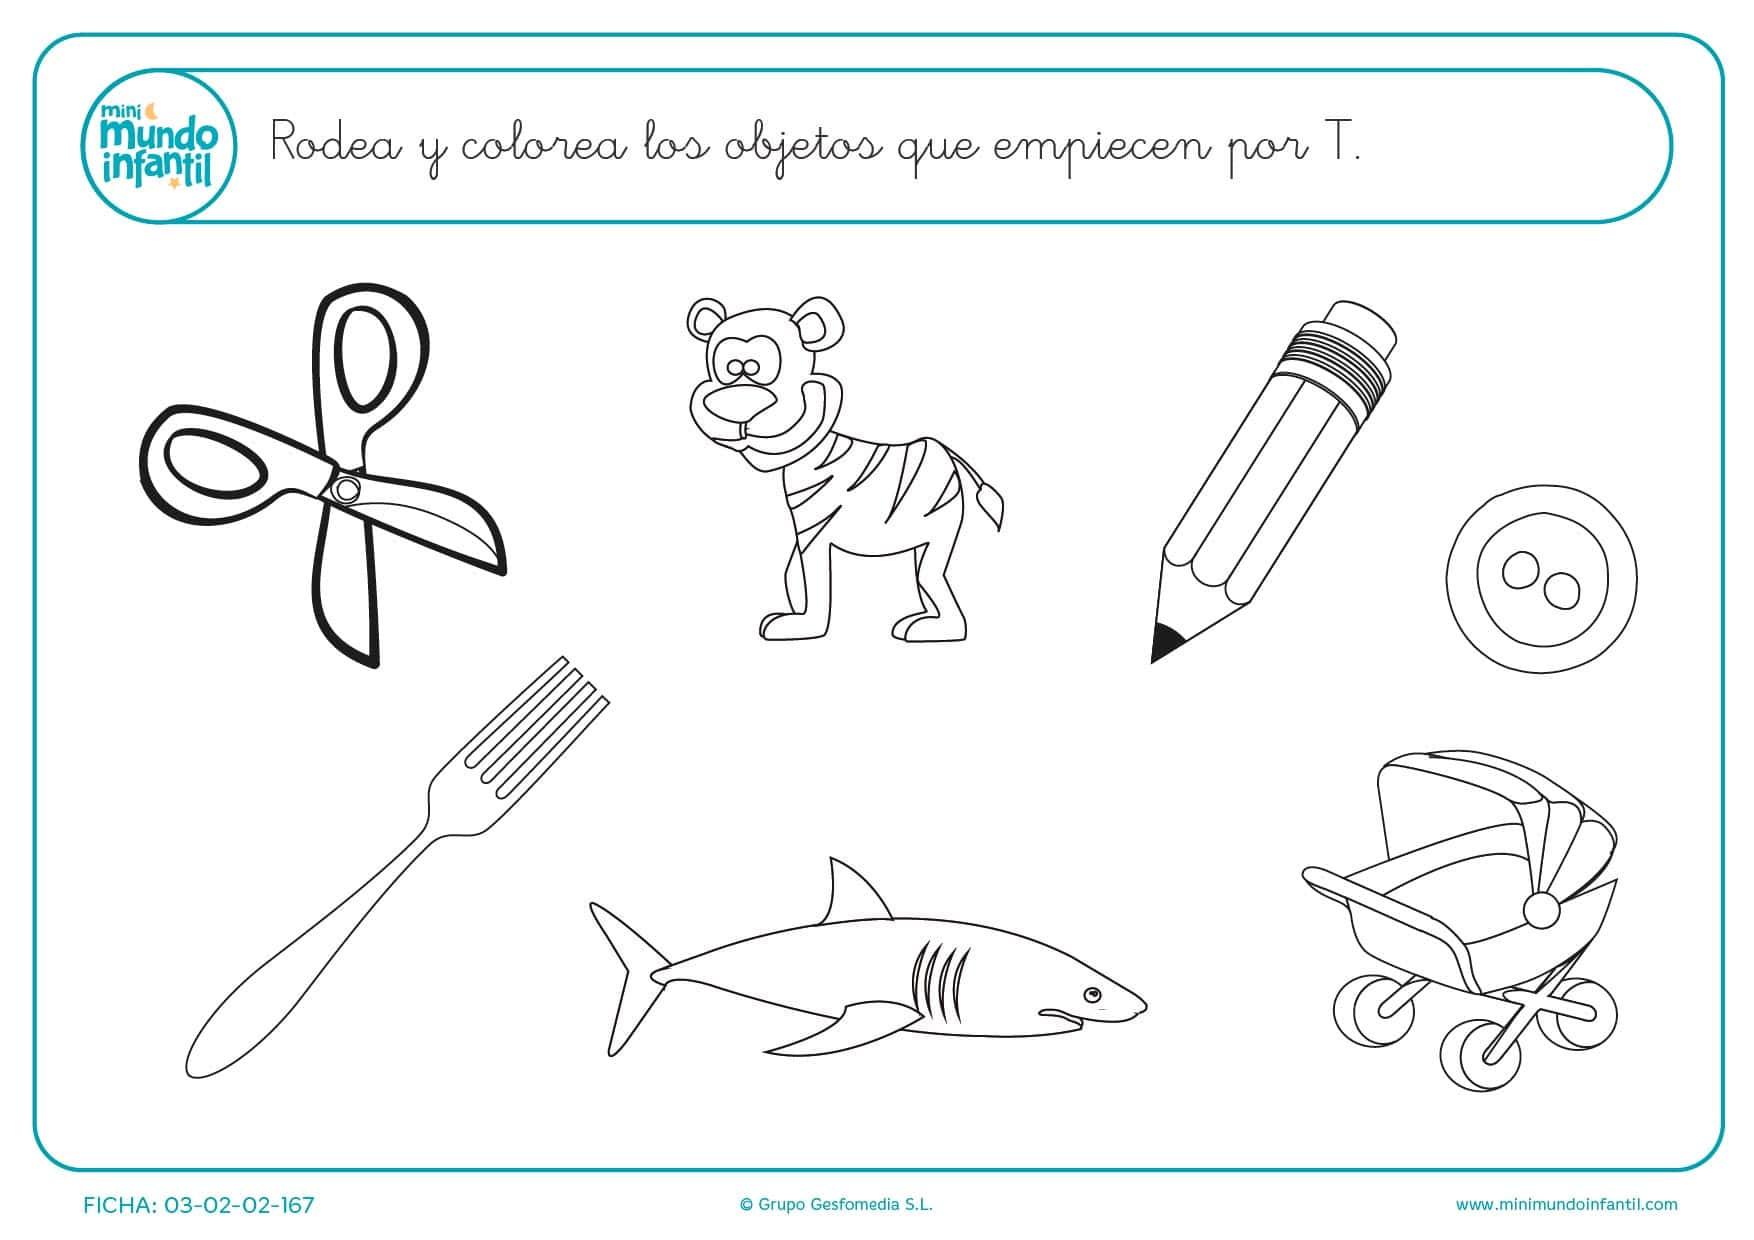 Dibujos Para Colorear Letra Q: Para Colorear Objetos Que Inicien Con La Letra T